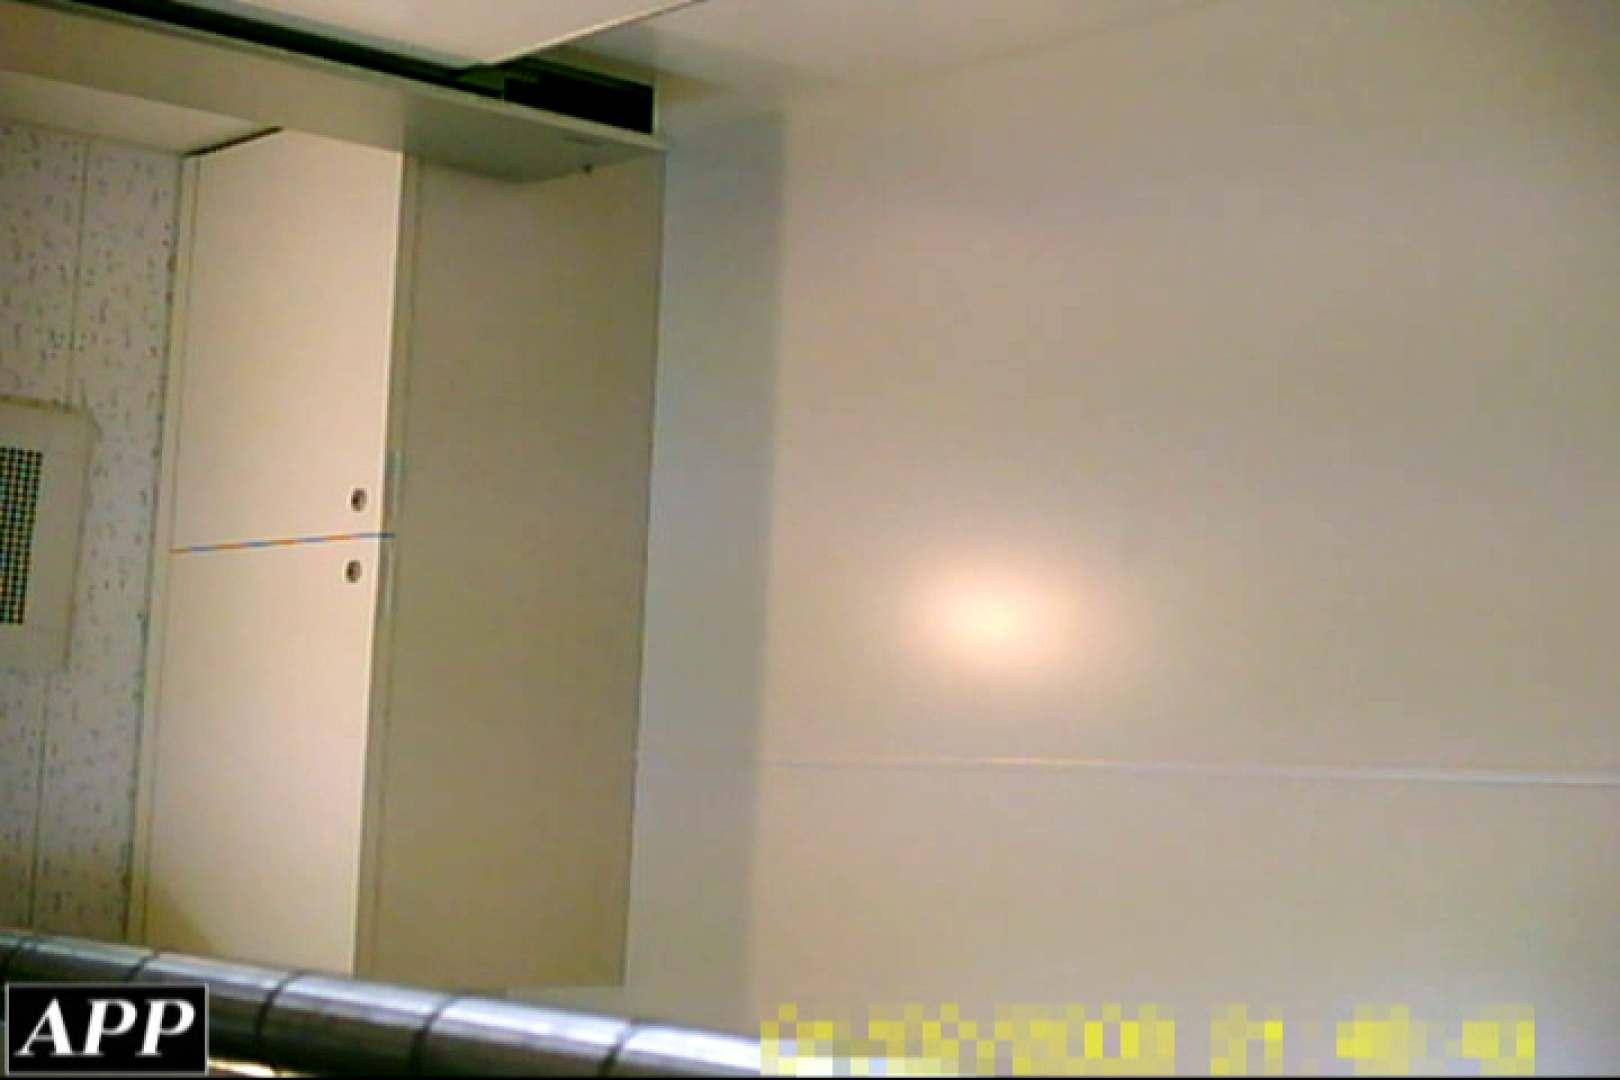 3視点洗面所 vol.101 OLエロ画像 盗撮AV動画キャプチャ 32PICs 14